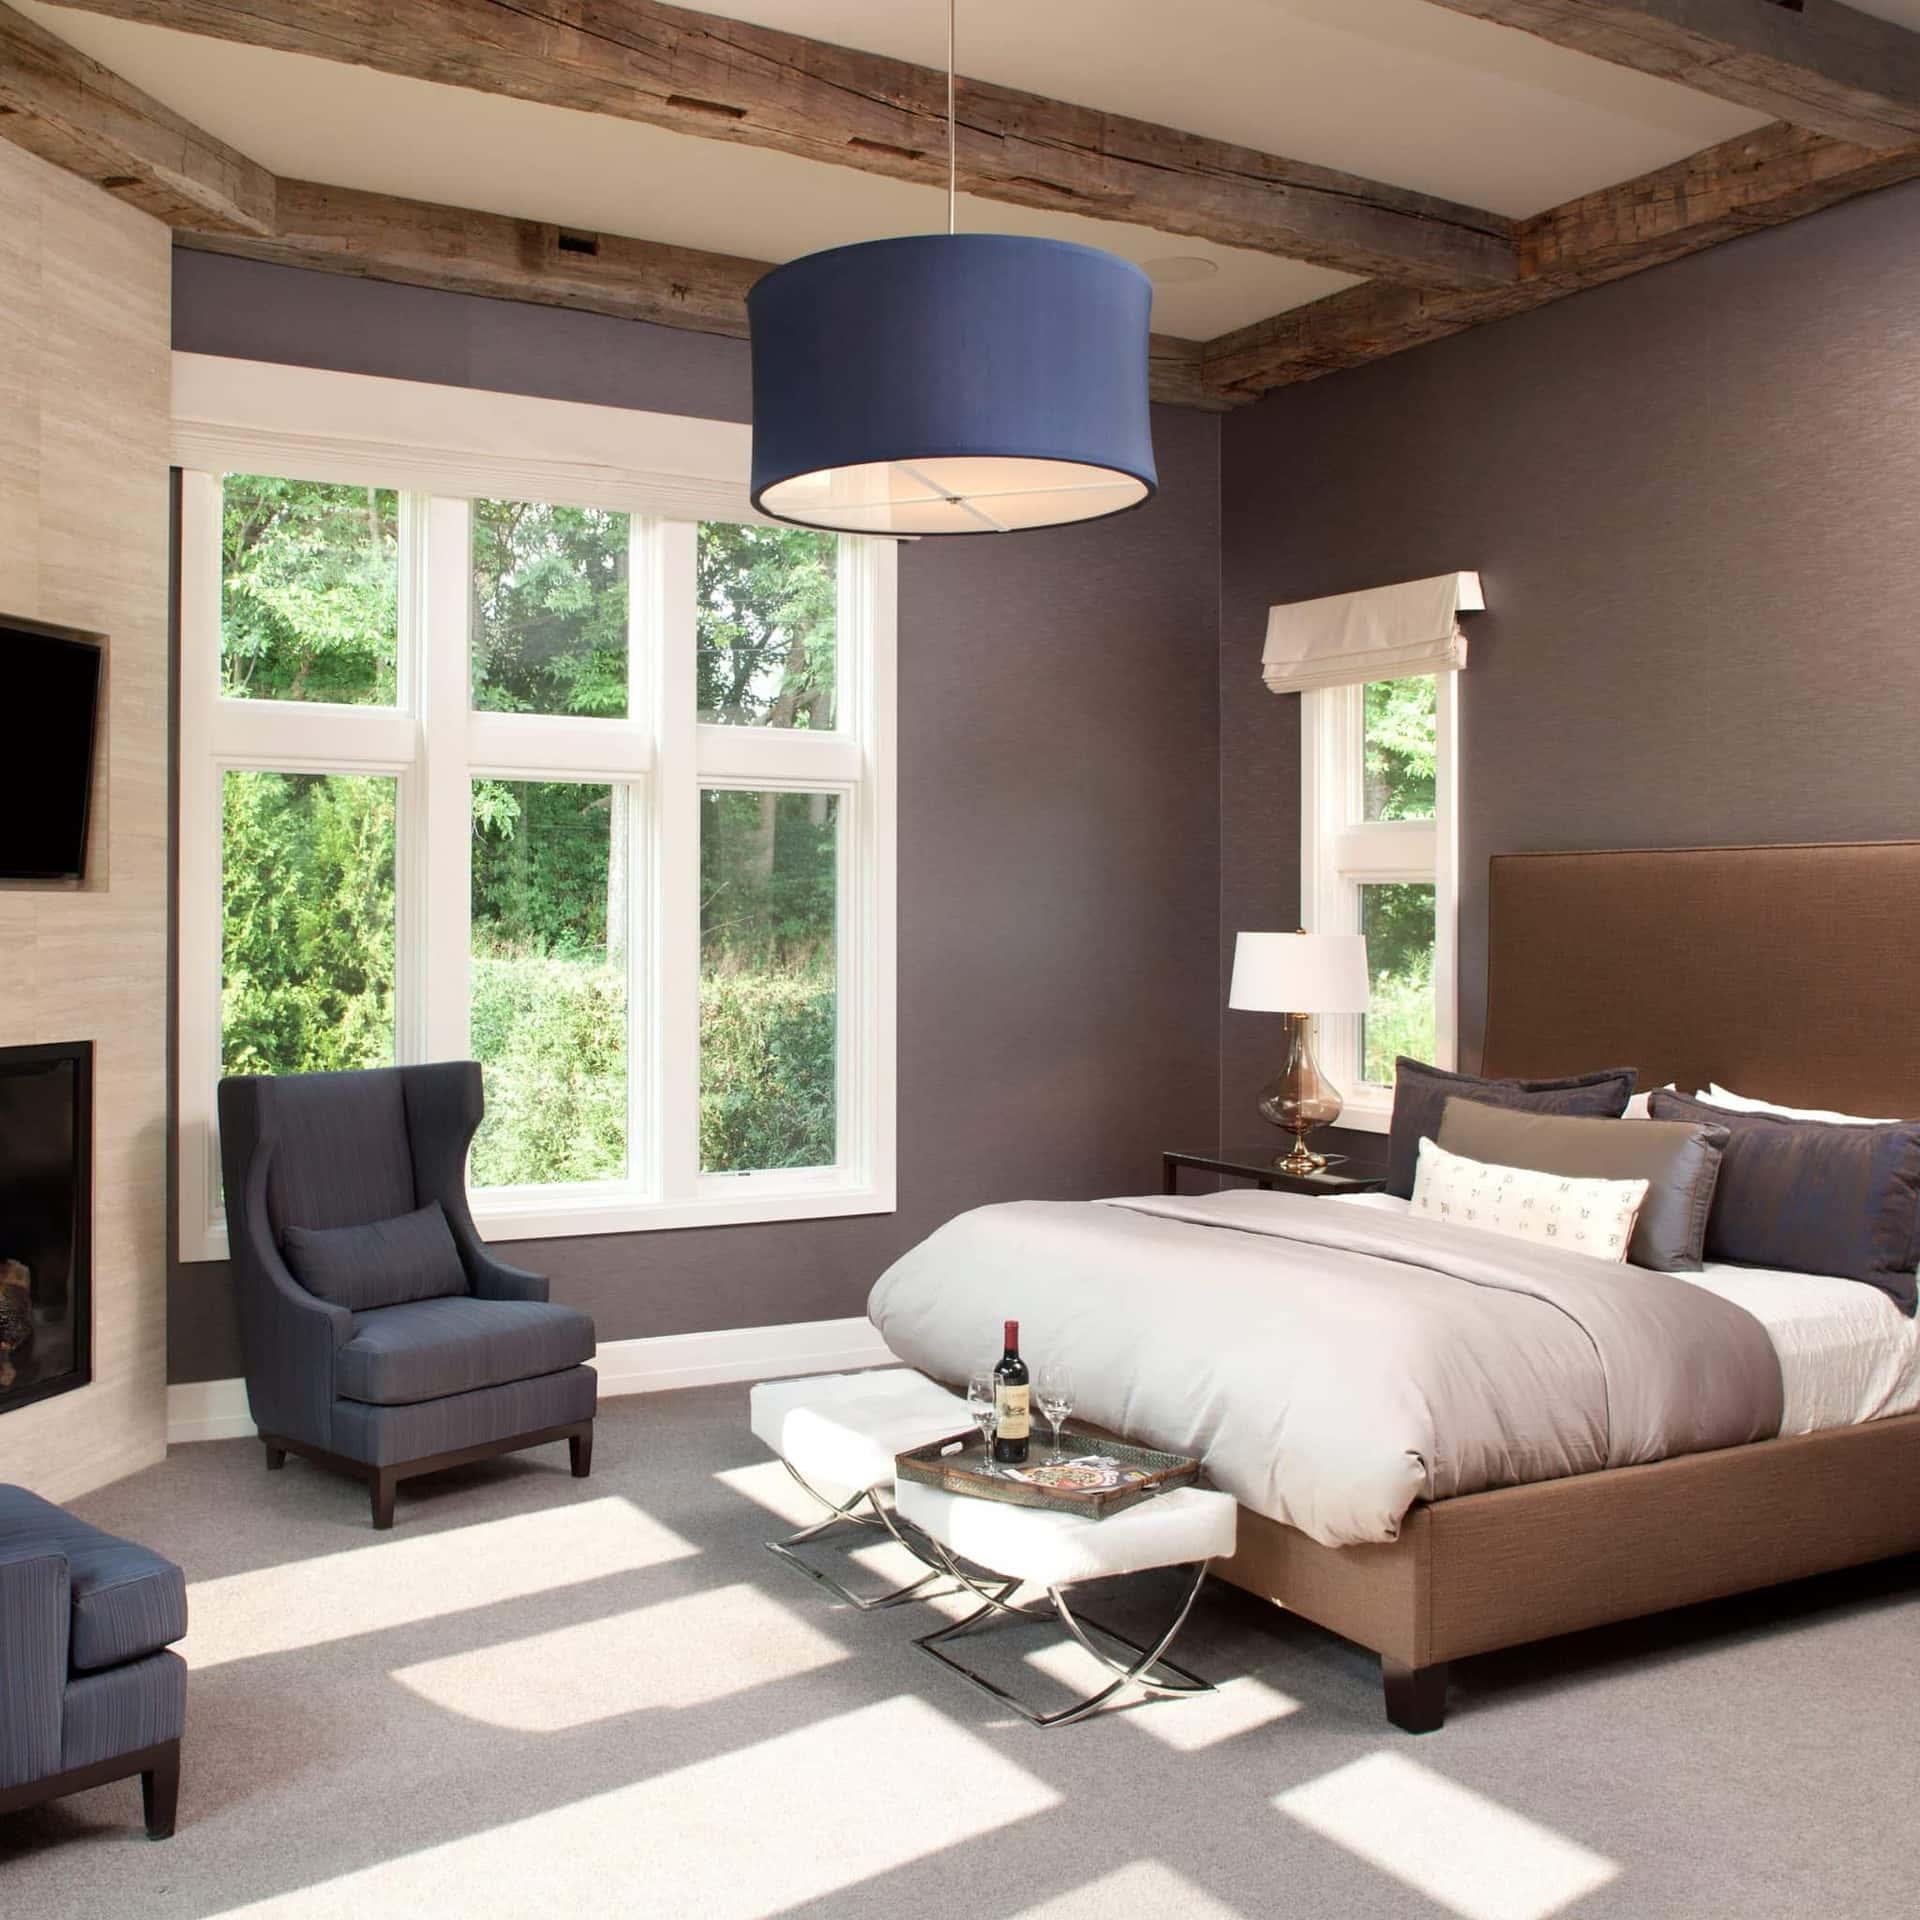 Reclaimed Wood Ceiling Paneling Bedroom